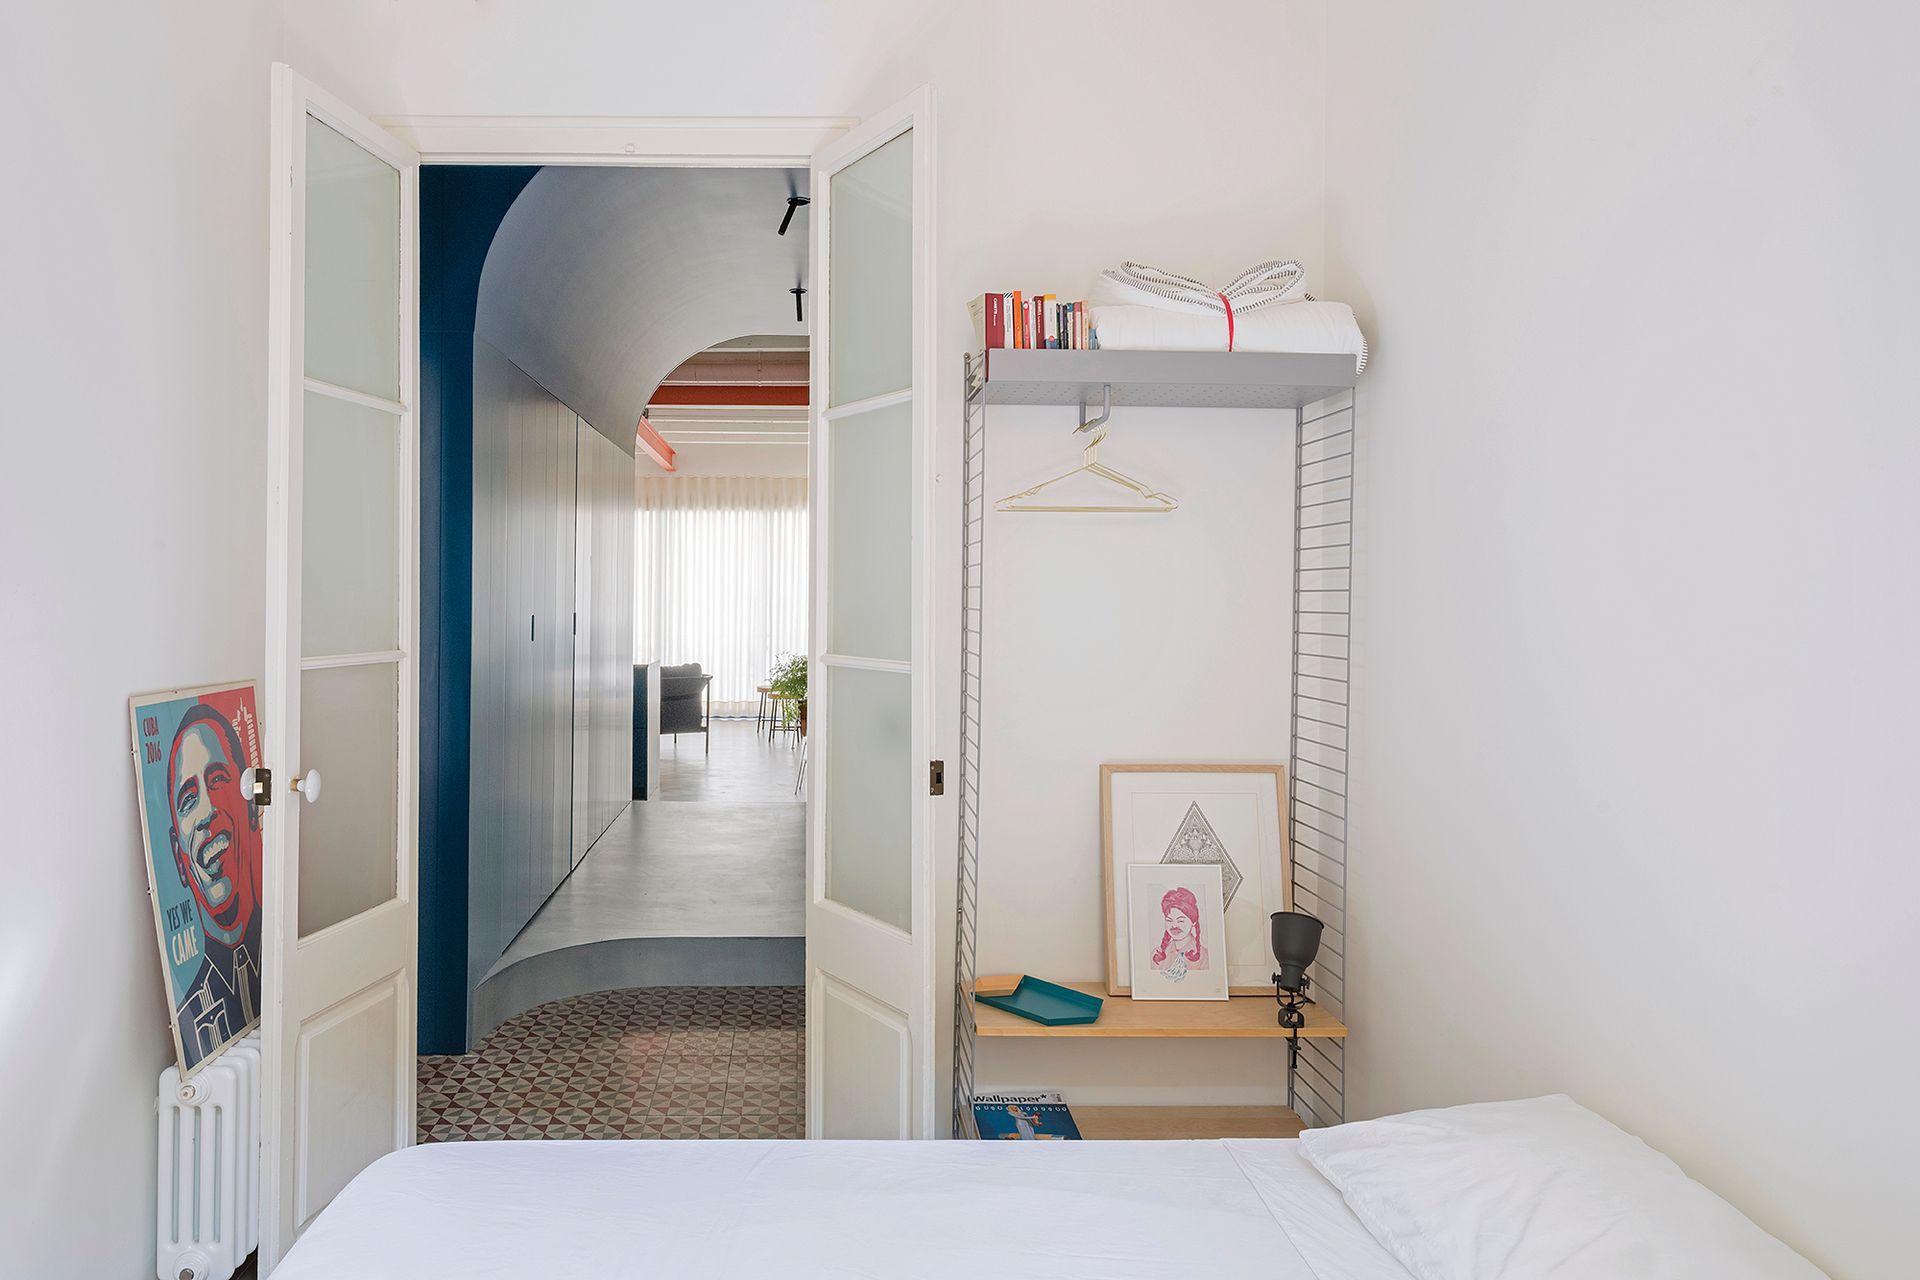 El austero cuarto de huéspedes tiene un espacio de guardado tan escueto que se complementa con los placares en el corredor.